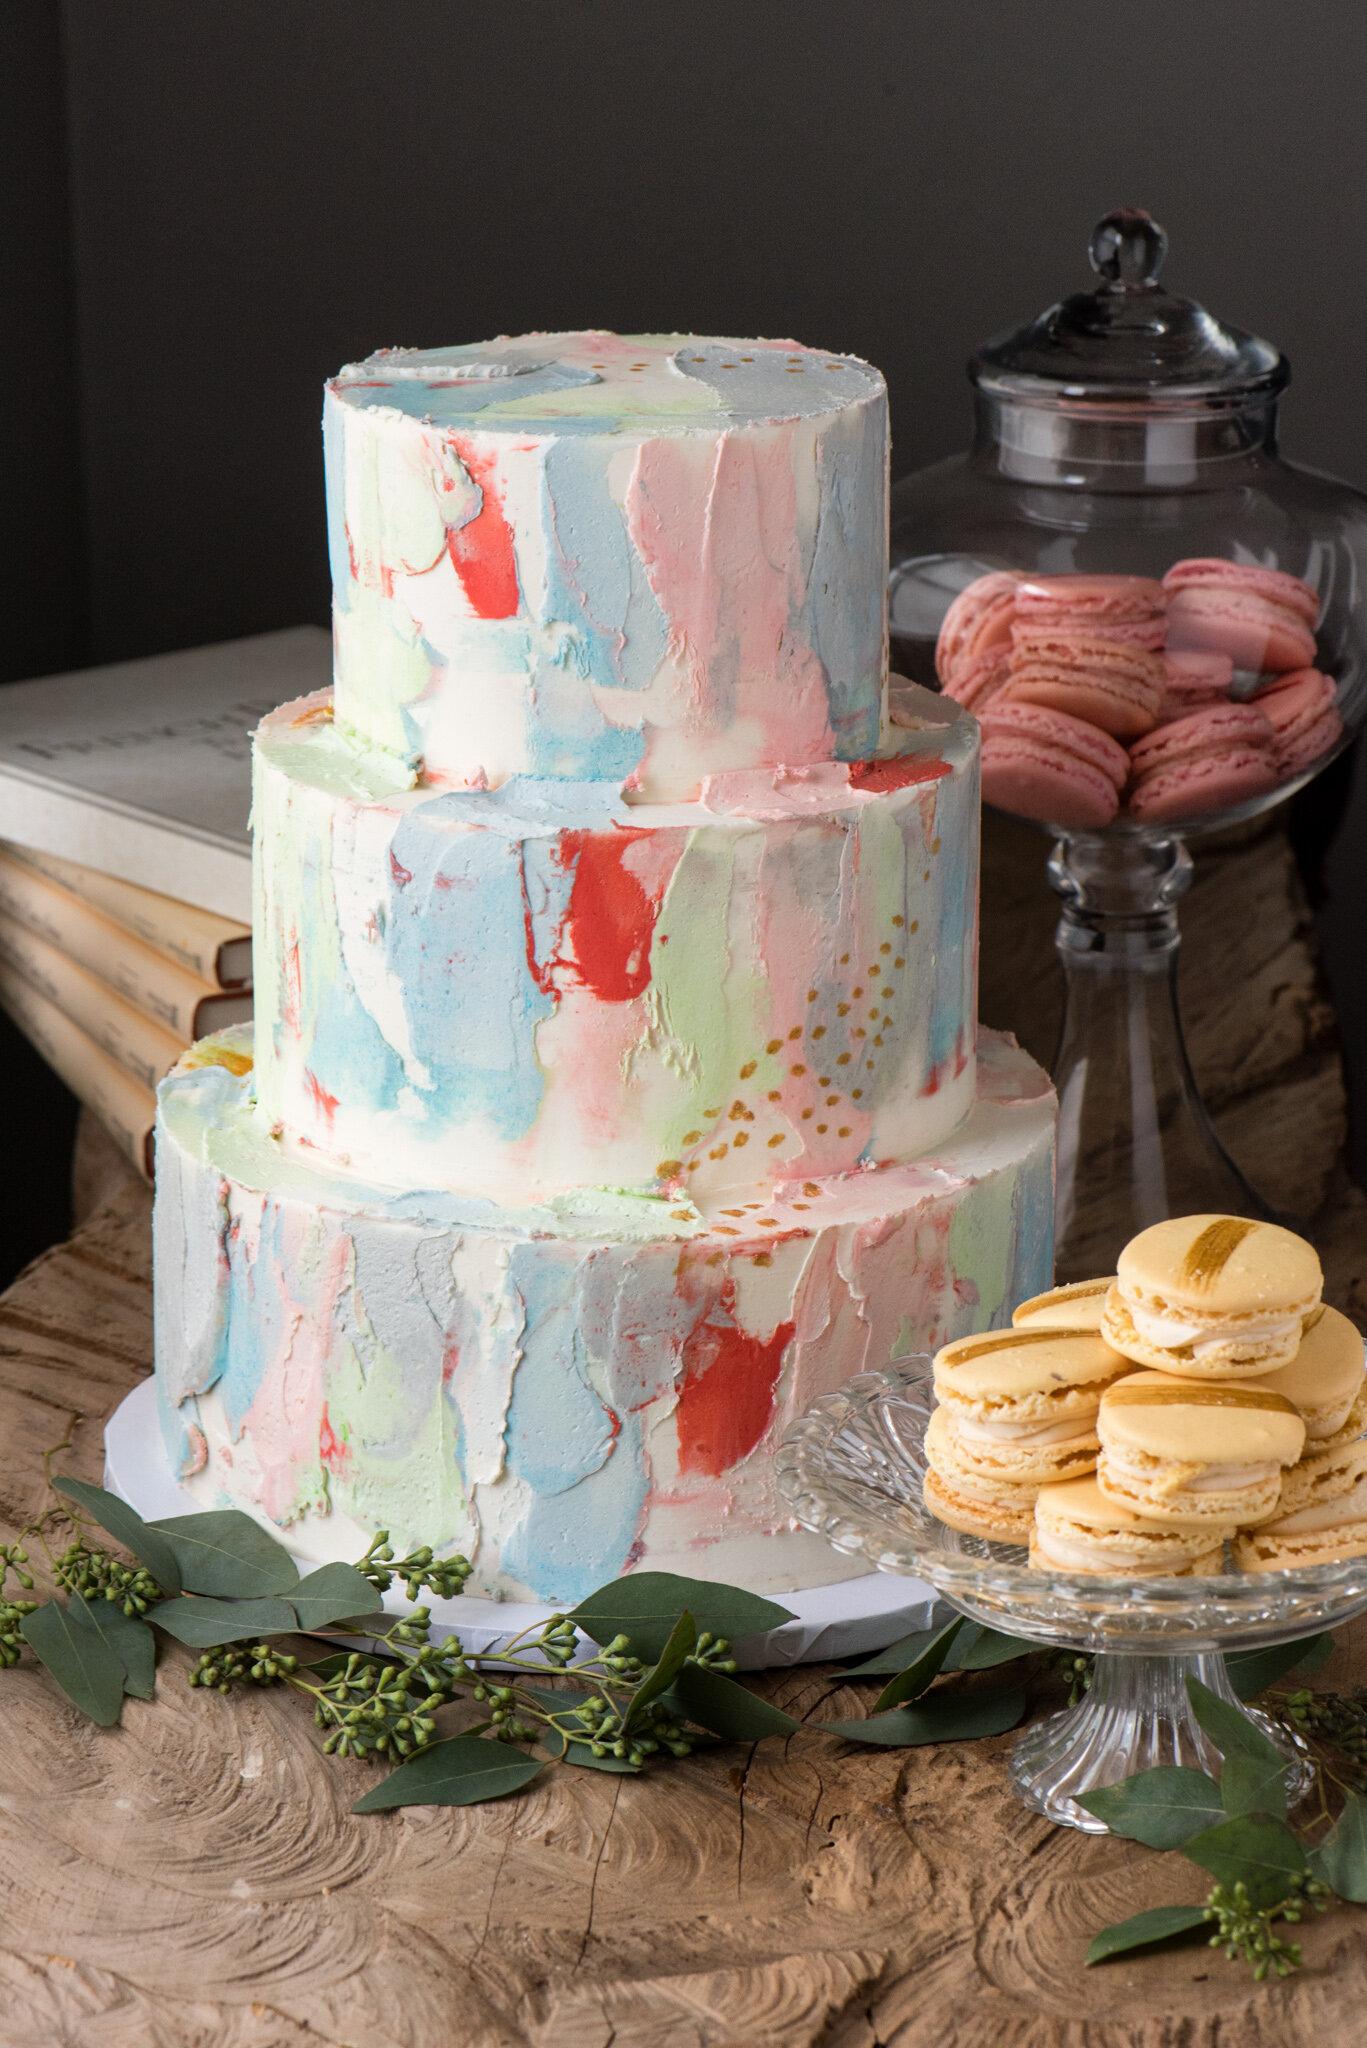 cdlc-cake.jpg